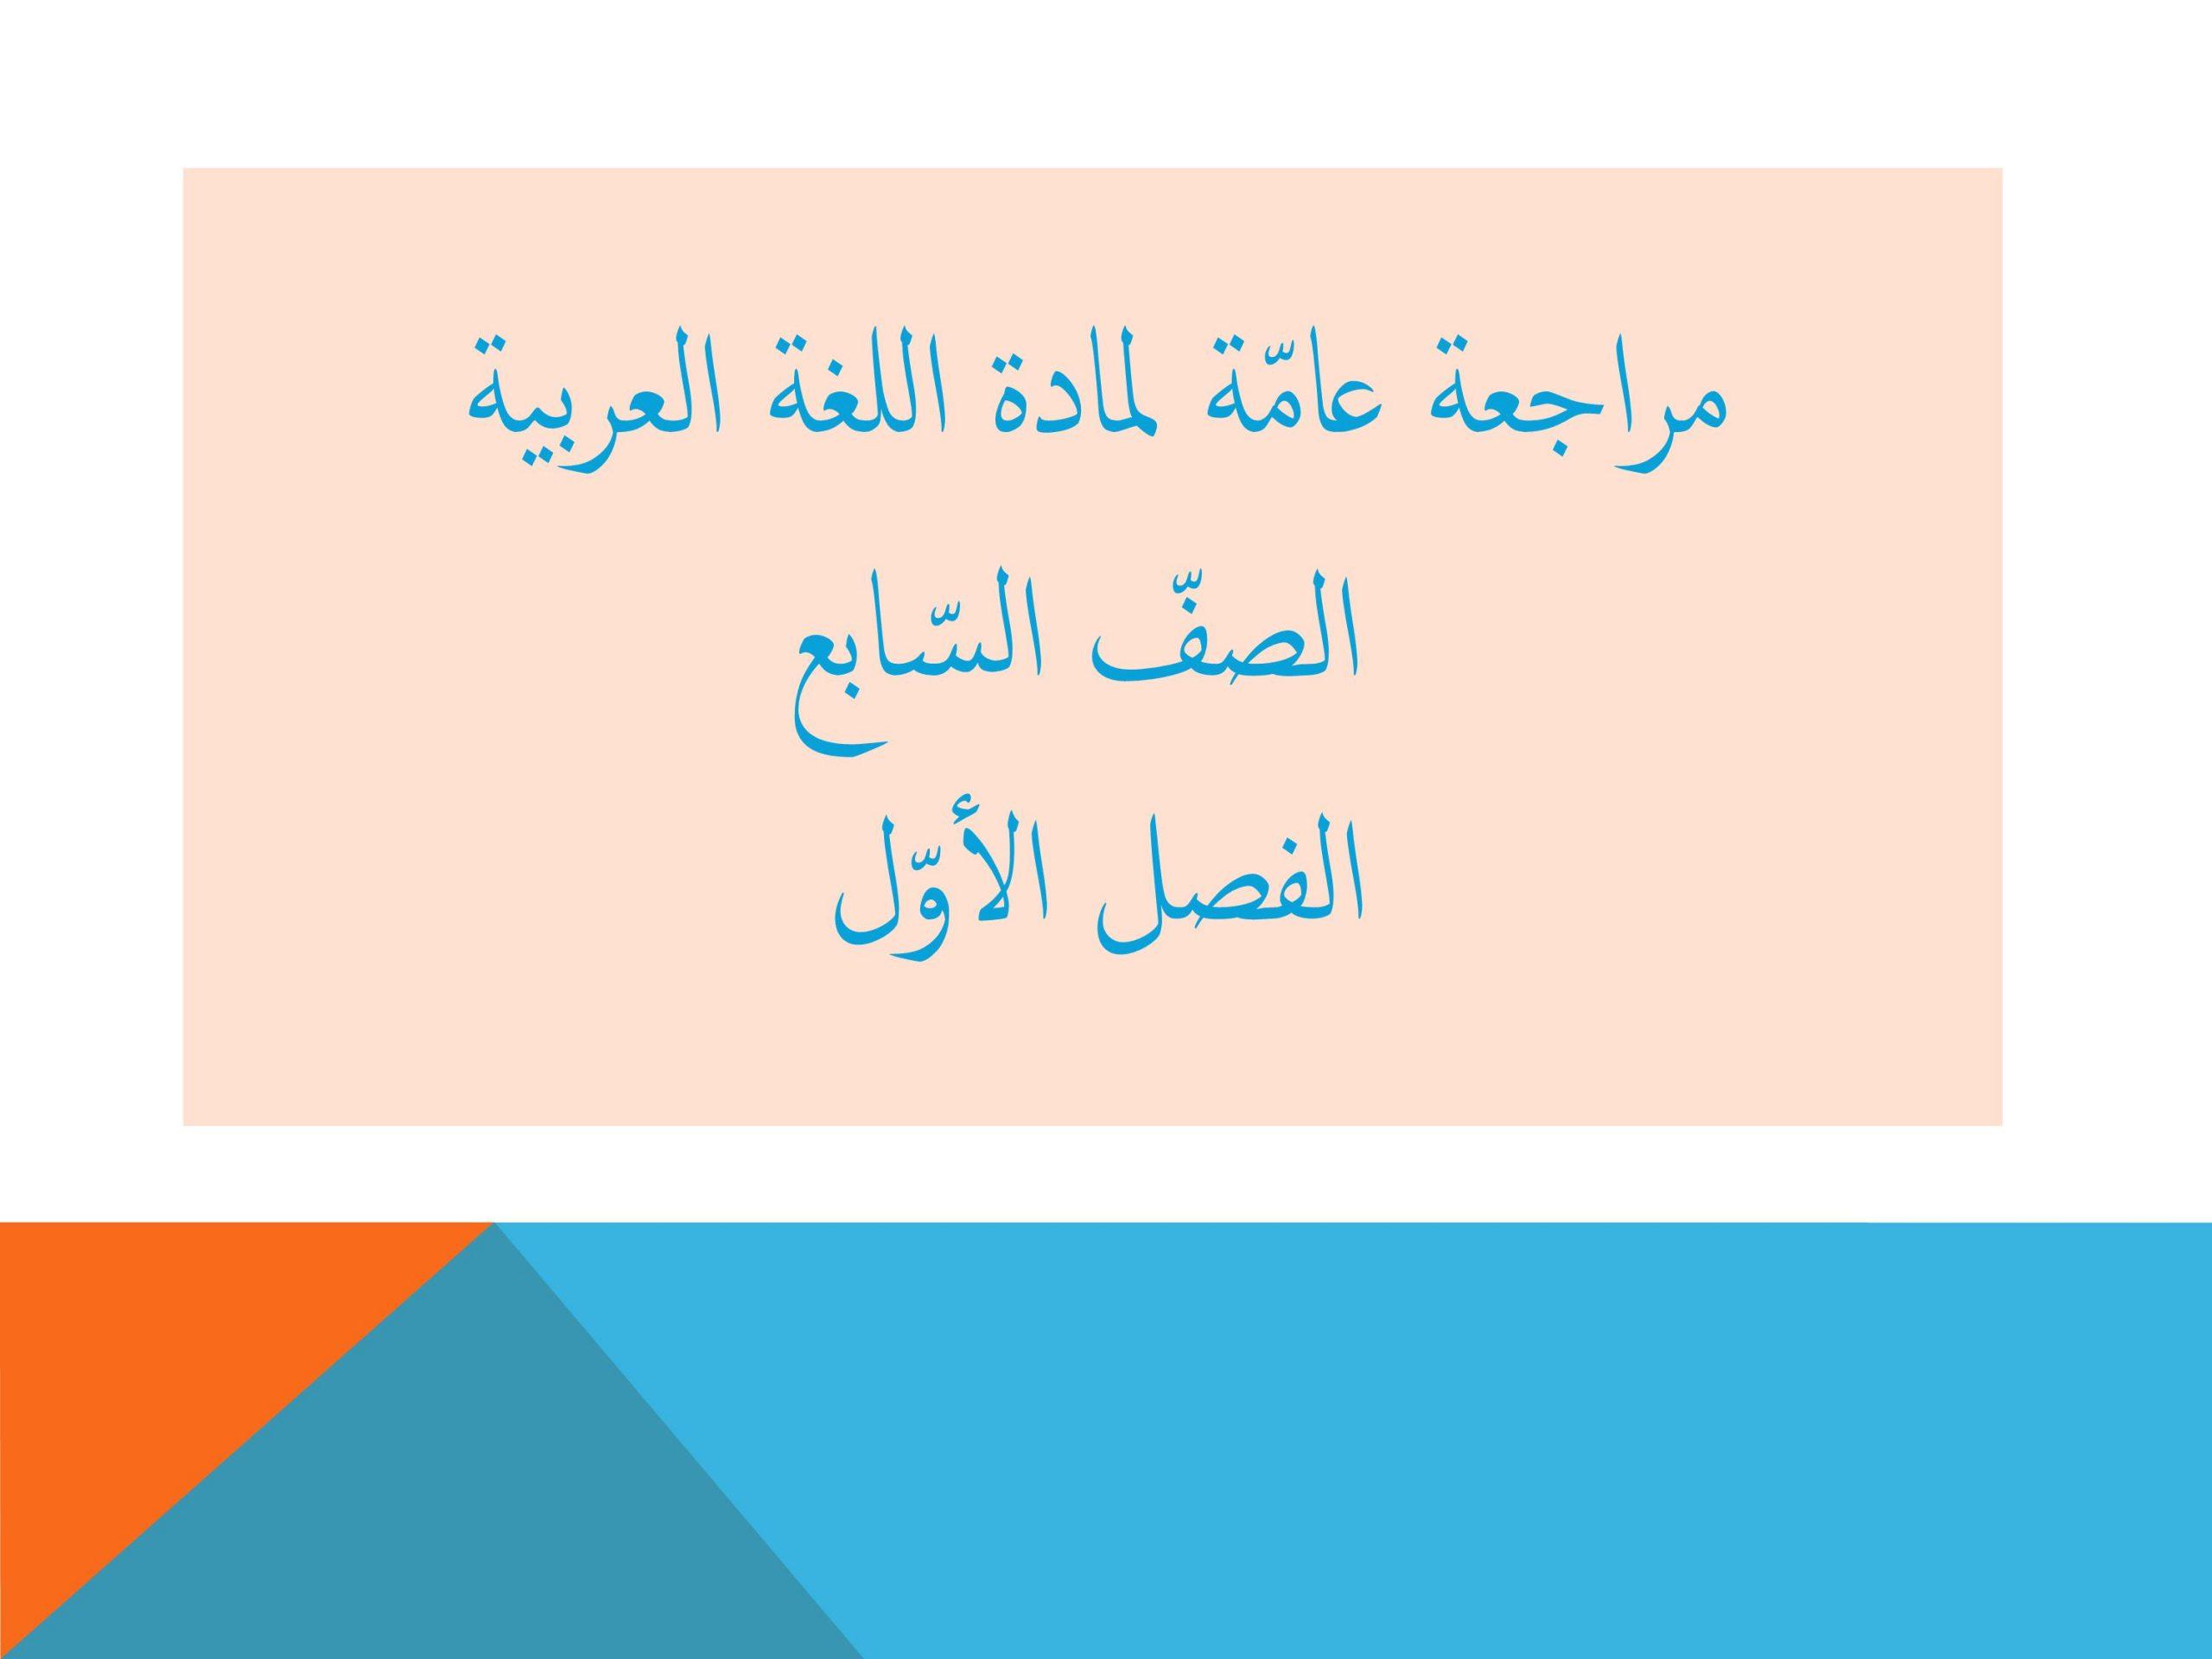 مراجعة عامة الفصل الدراسي الاول الصف السابع مادة اللغة العربية